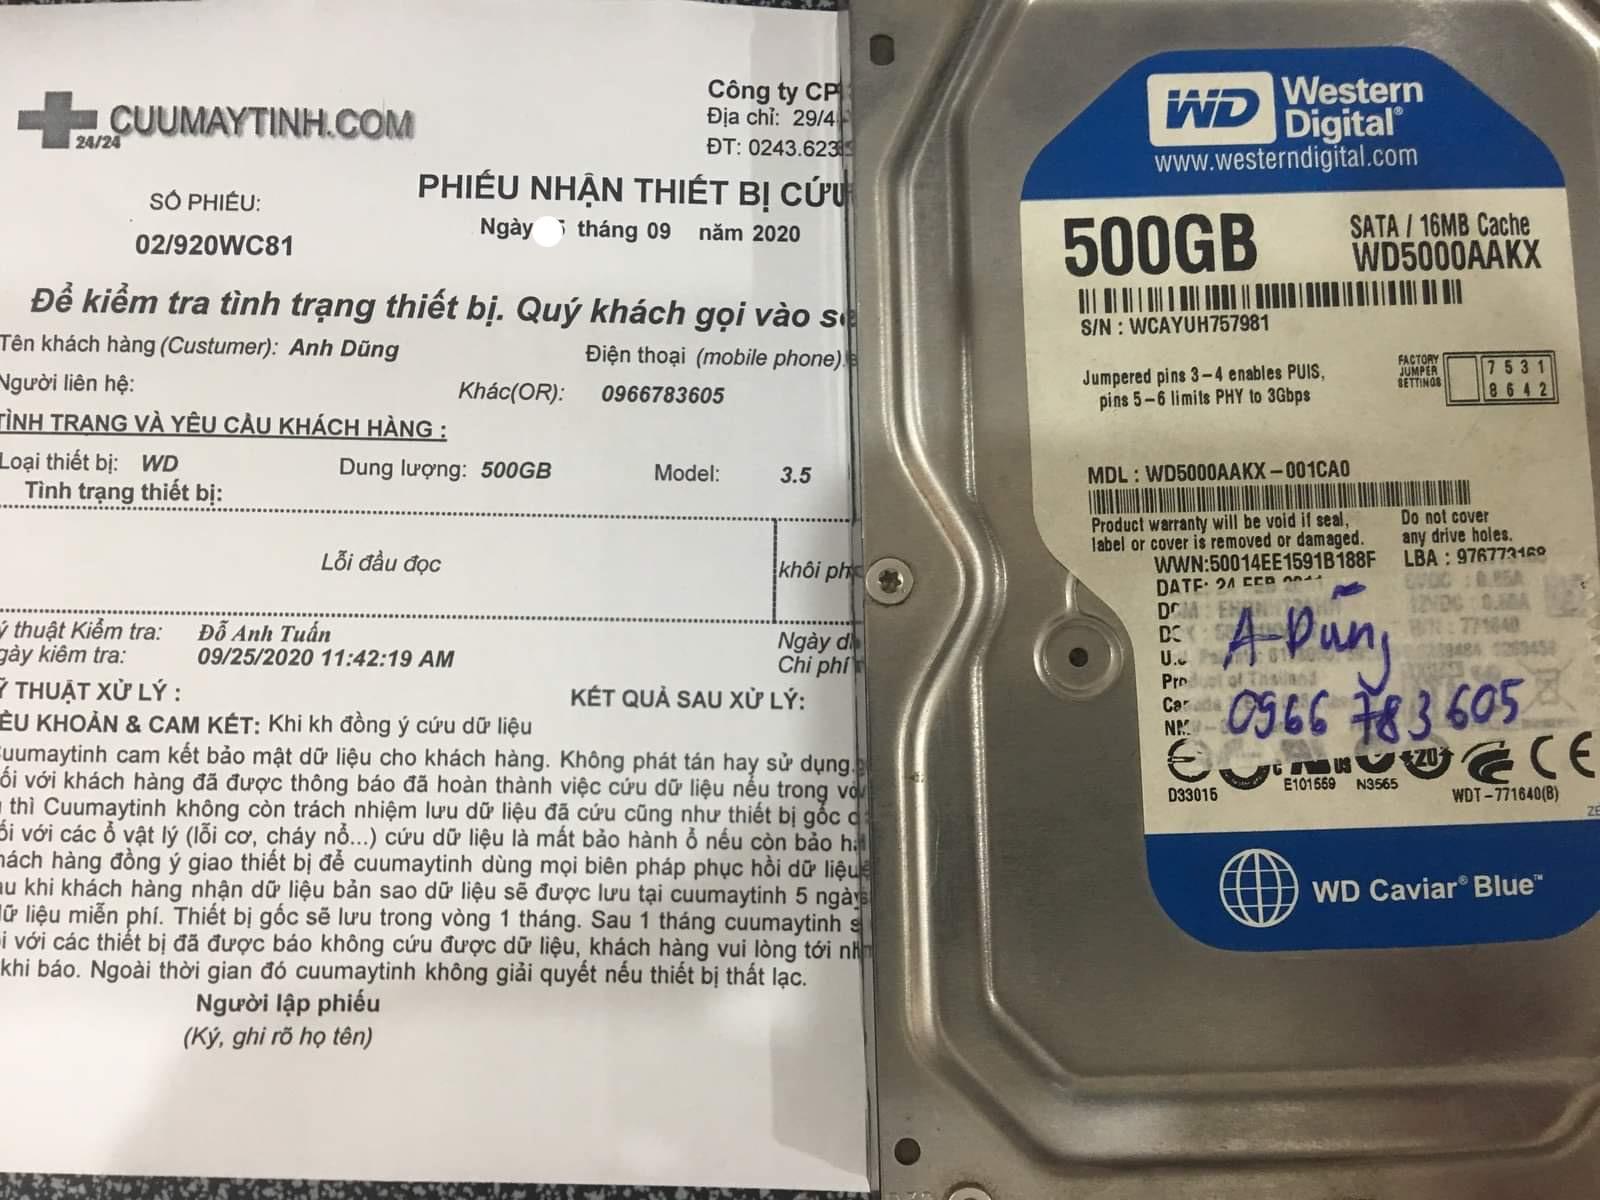 Khôi phục dữ liệu ổ cứng Western 500GB lỗi đầu đọc 26/09/2020 - cuumaytinh